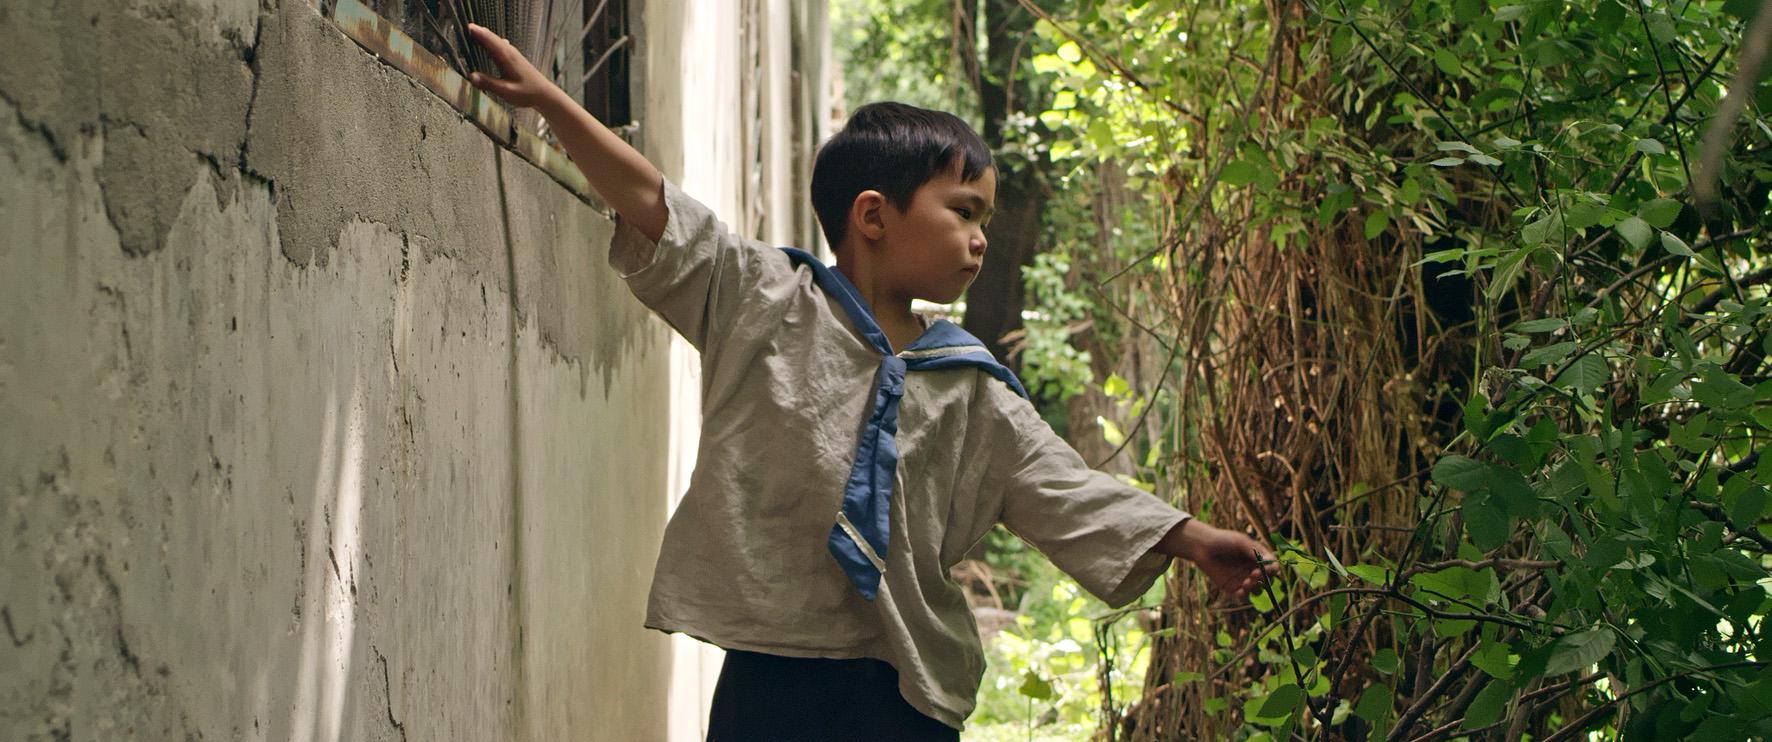 Το ΦΚΘ υποδέχεται το 1ο Παιδικό και Εφηβικό Διεθνές Φεστιβάλ Κινηματογράφου Αθήνας